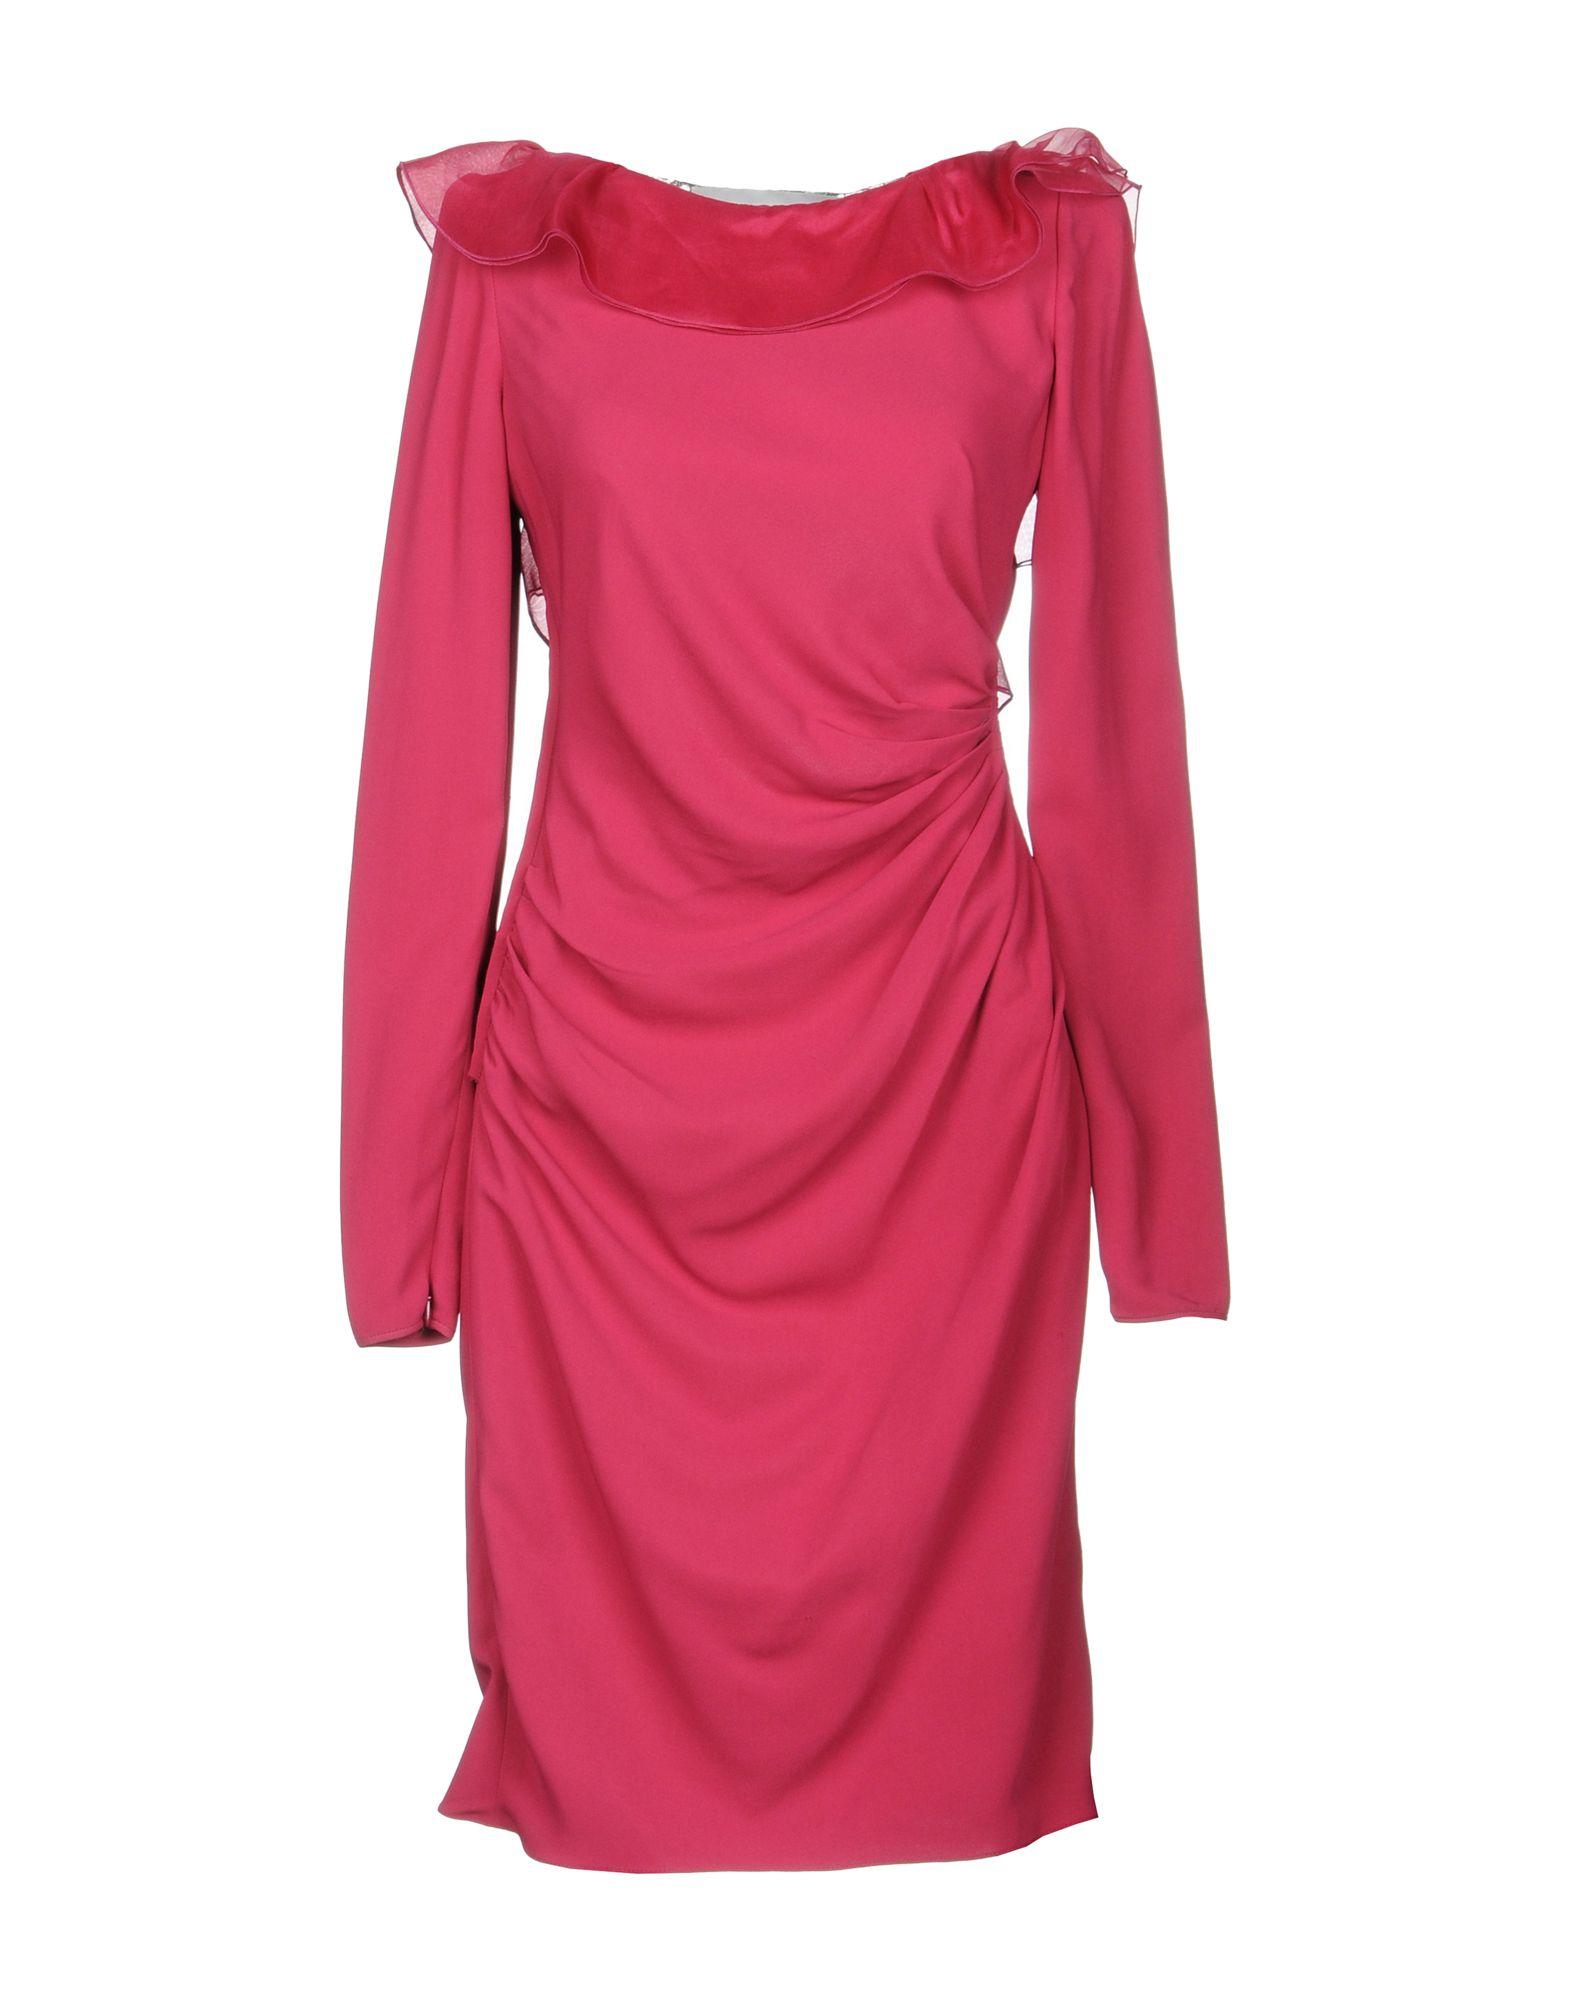 VALENTINO Короткое платье платье valentino red платья и сарафаны кружевные ажурные и гипюровые